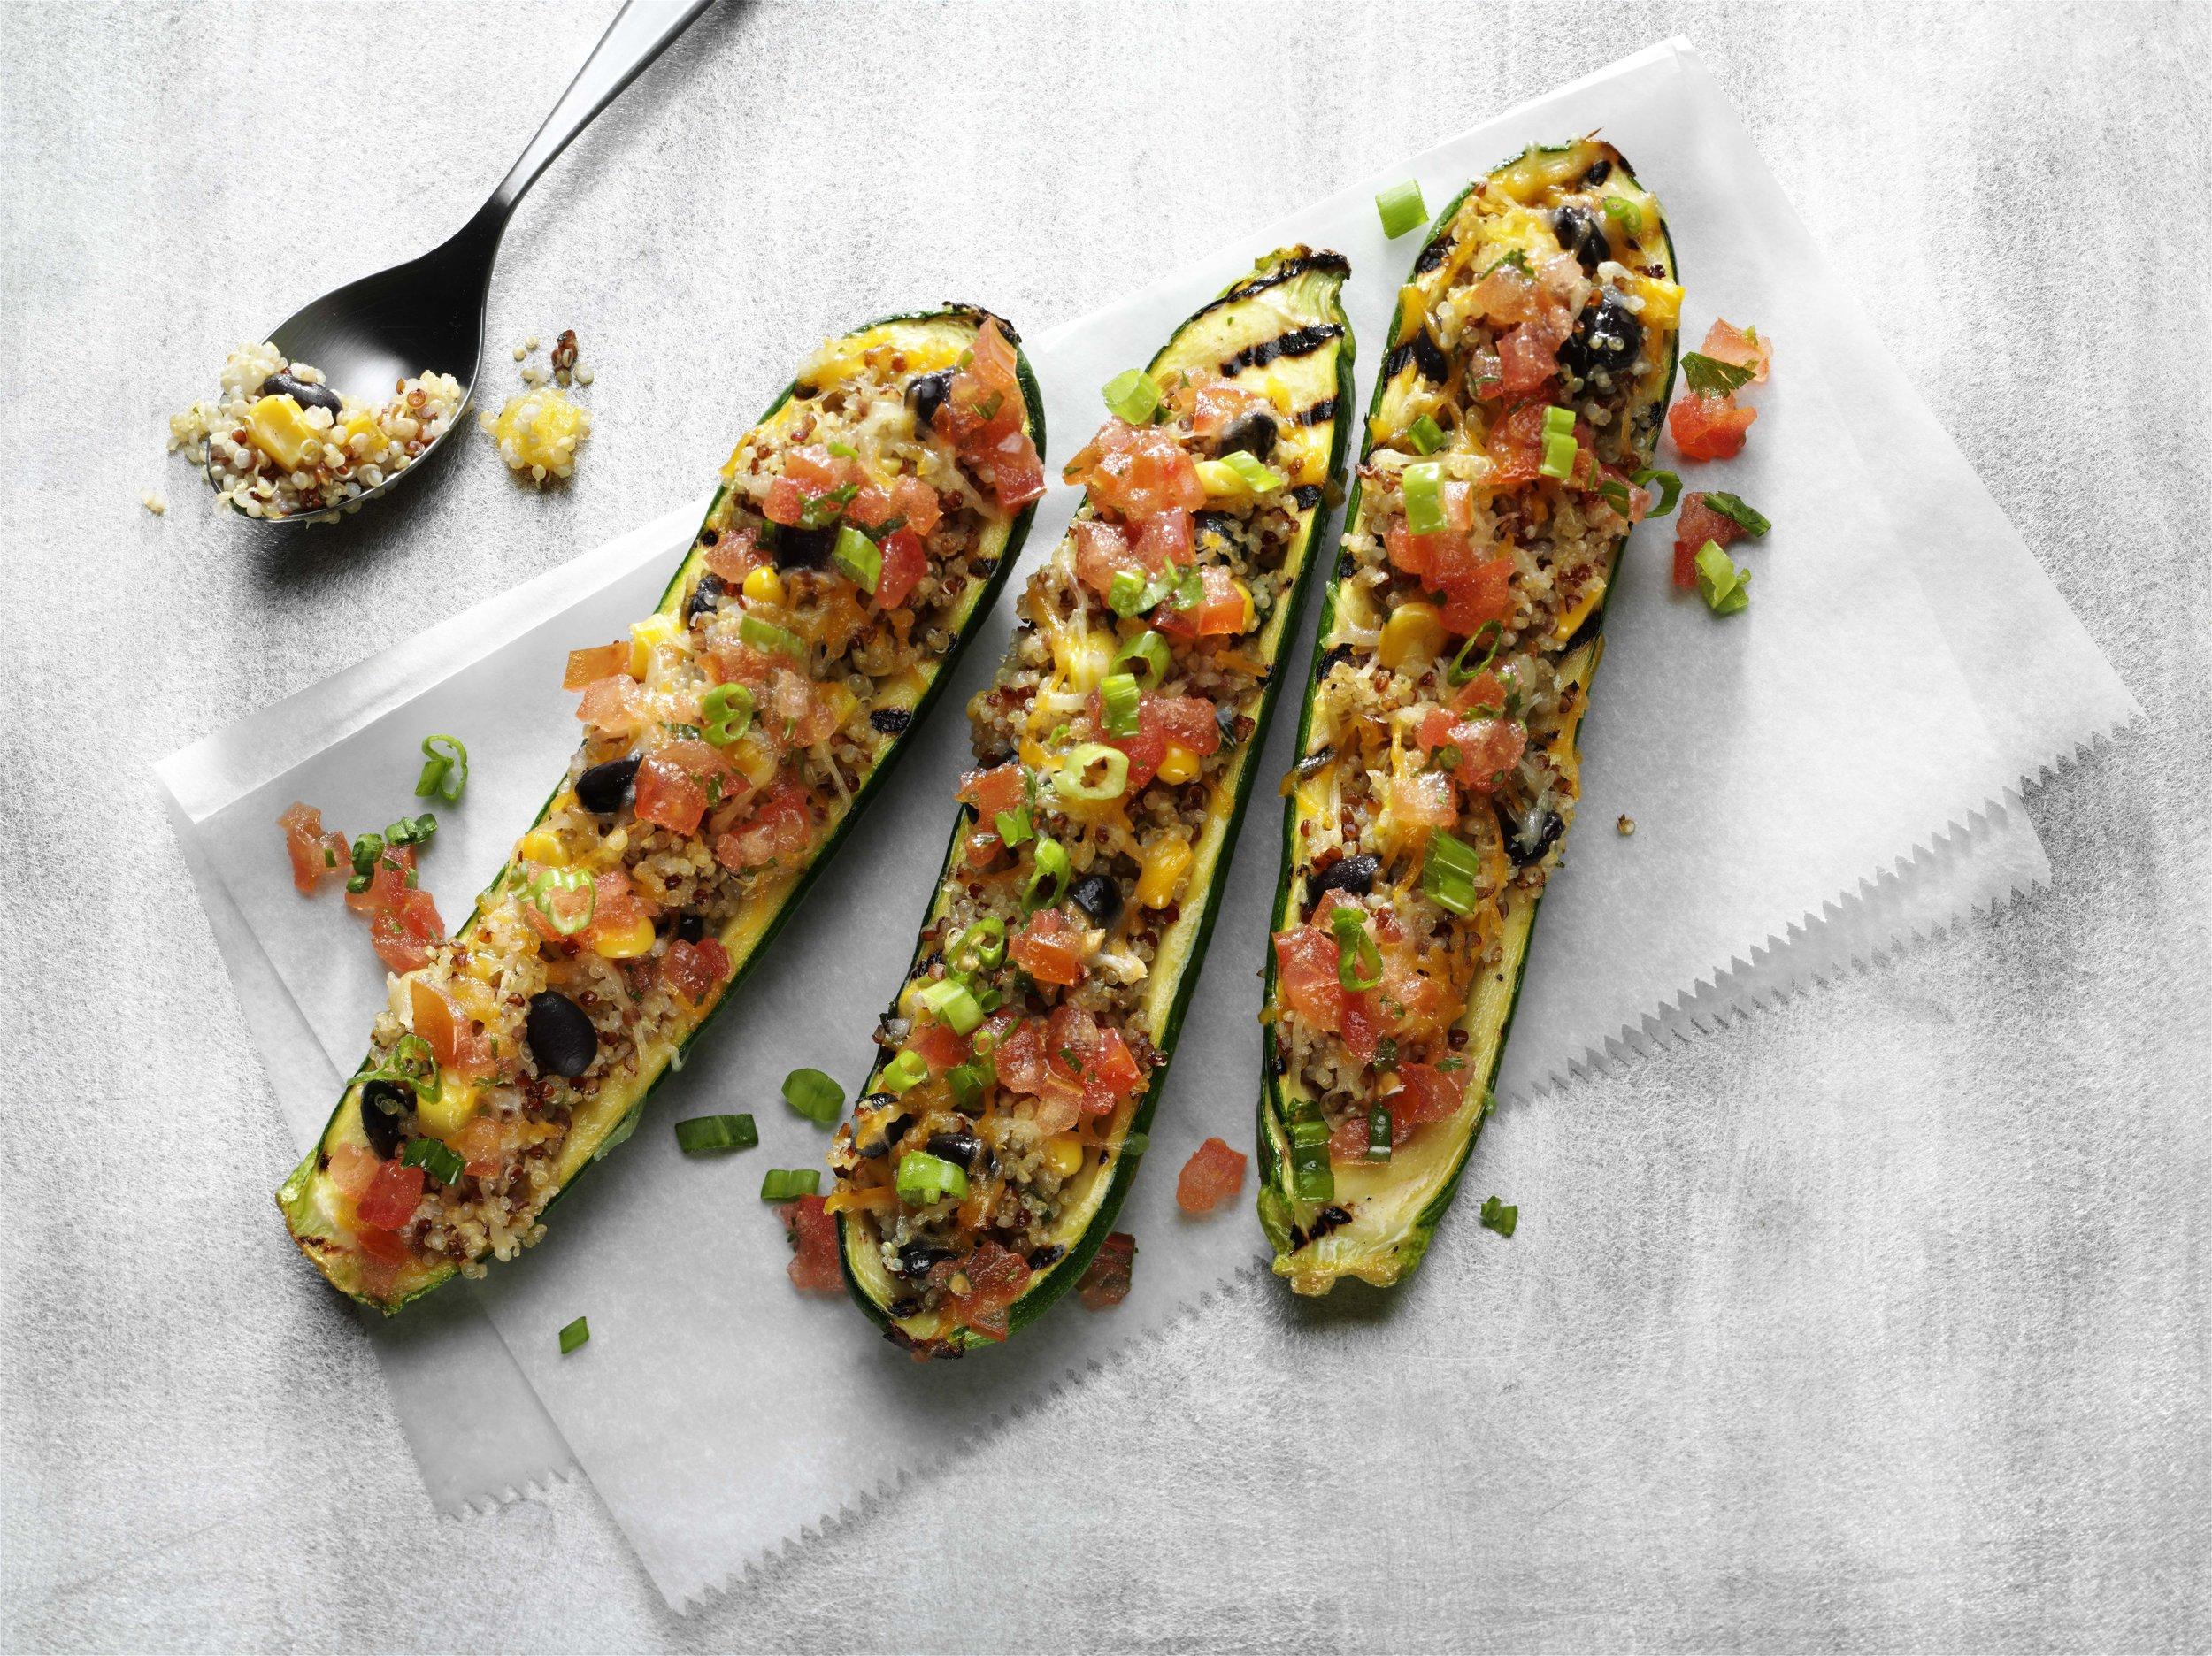 Quinoa Zucchini Boat Overhead no plate.jpg